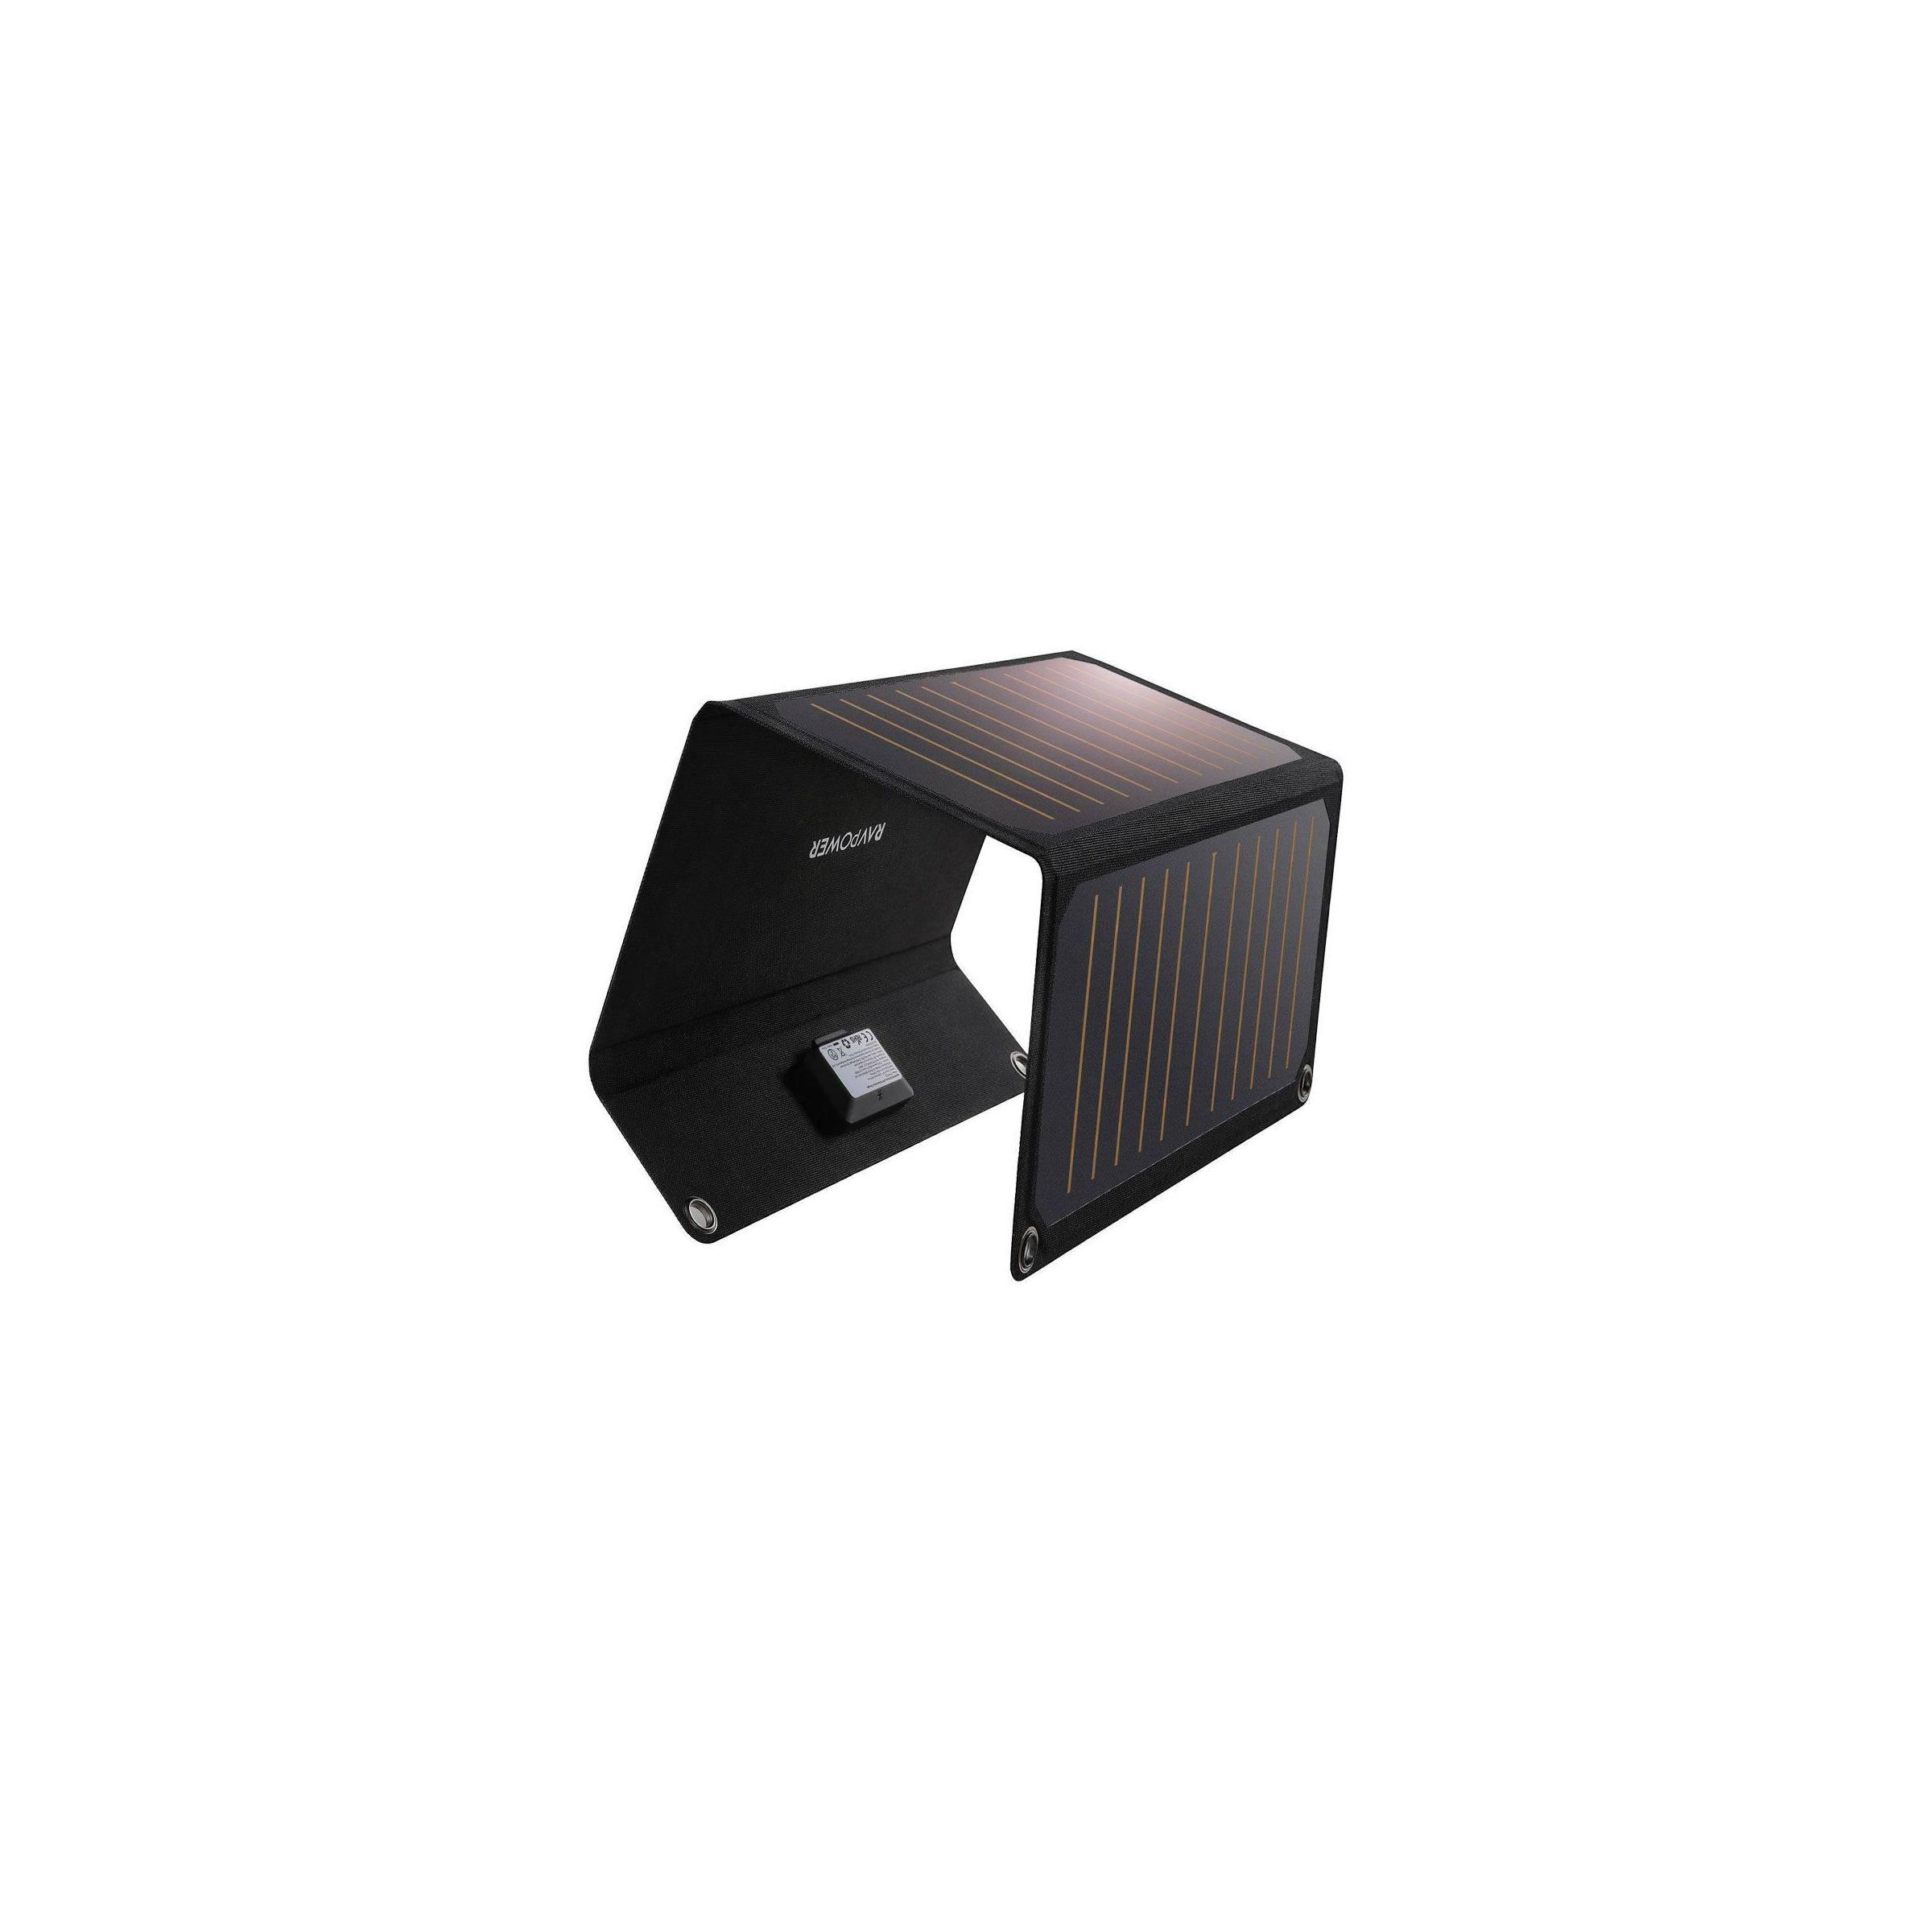 ravpower – Ravpower powerport solcelle panel 21w 2-ports sort på mackabler.dk